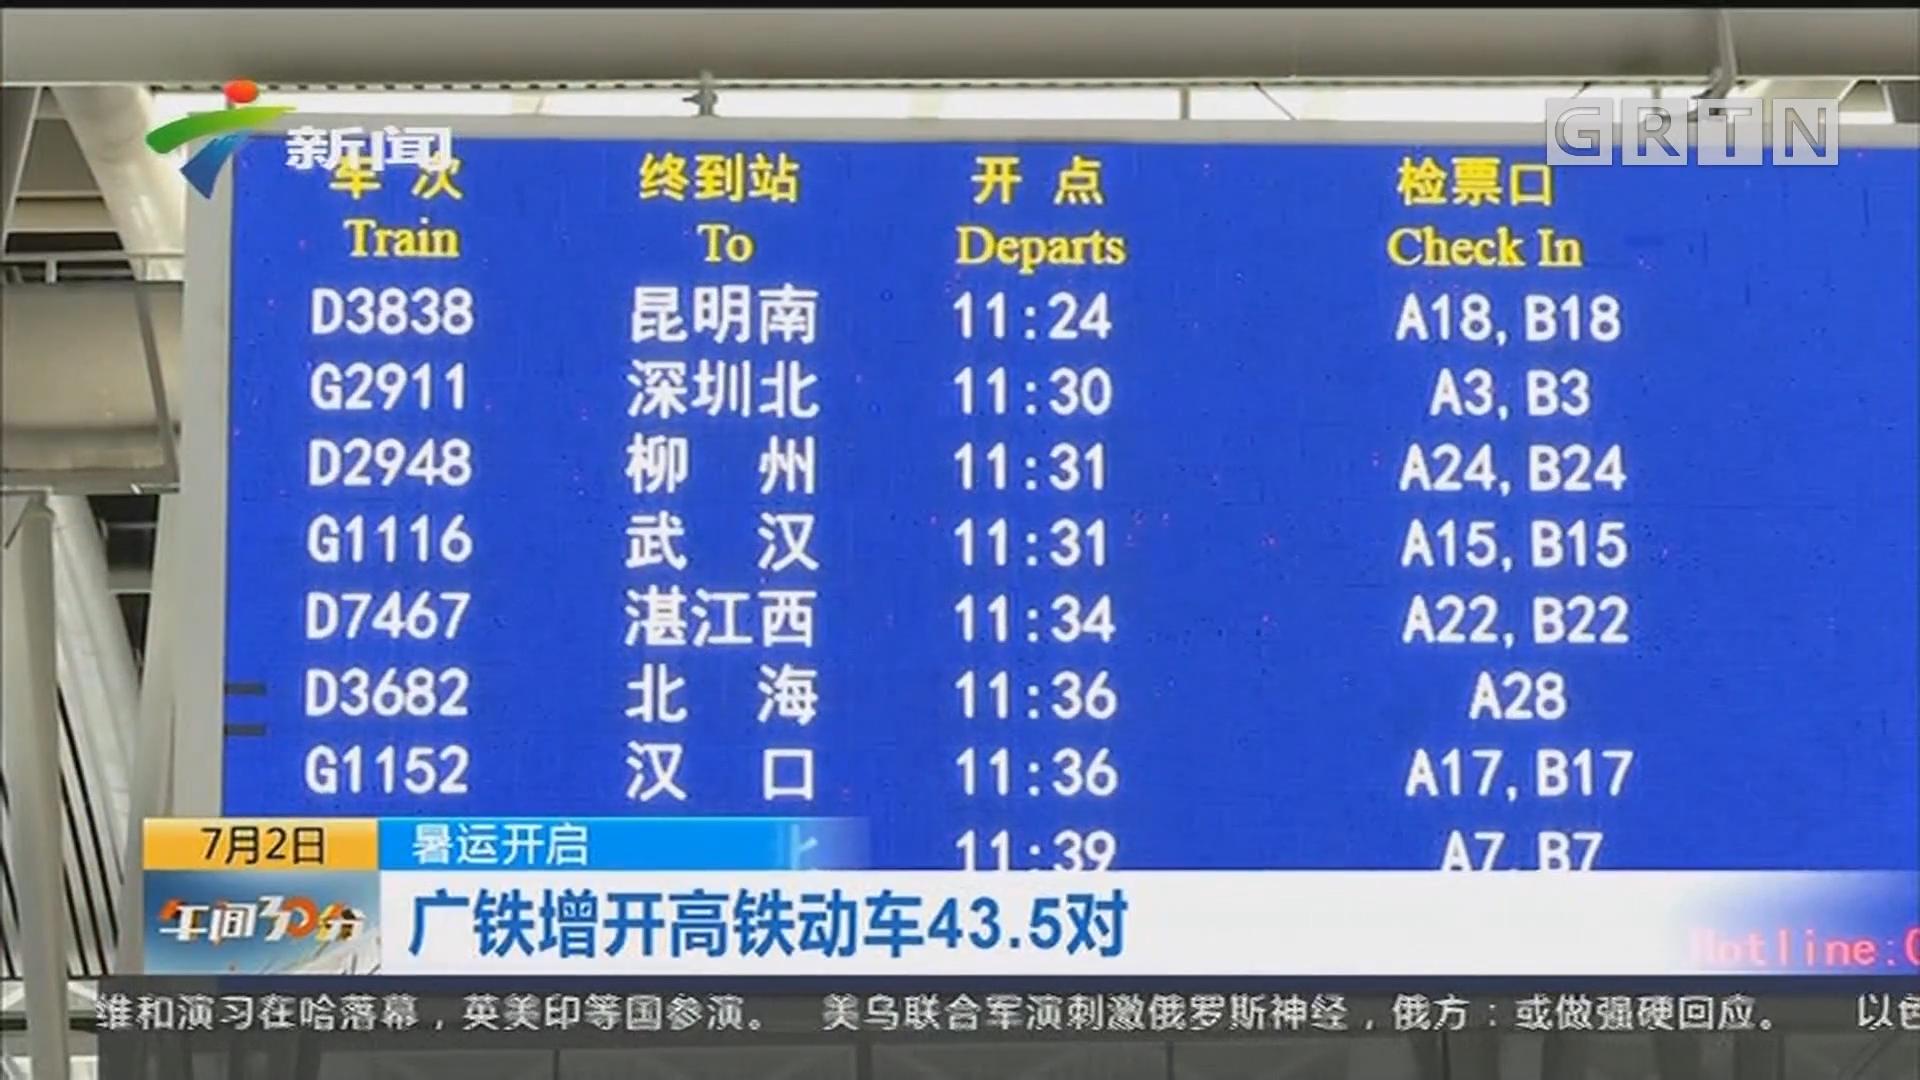 暑运开启:广铁增开高铁动车43.5对